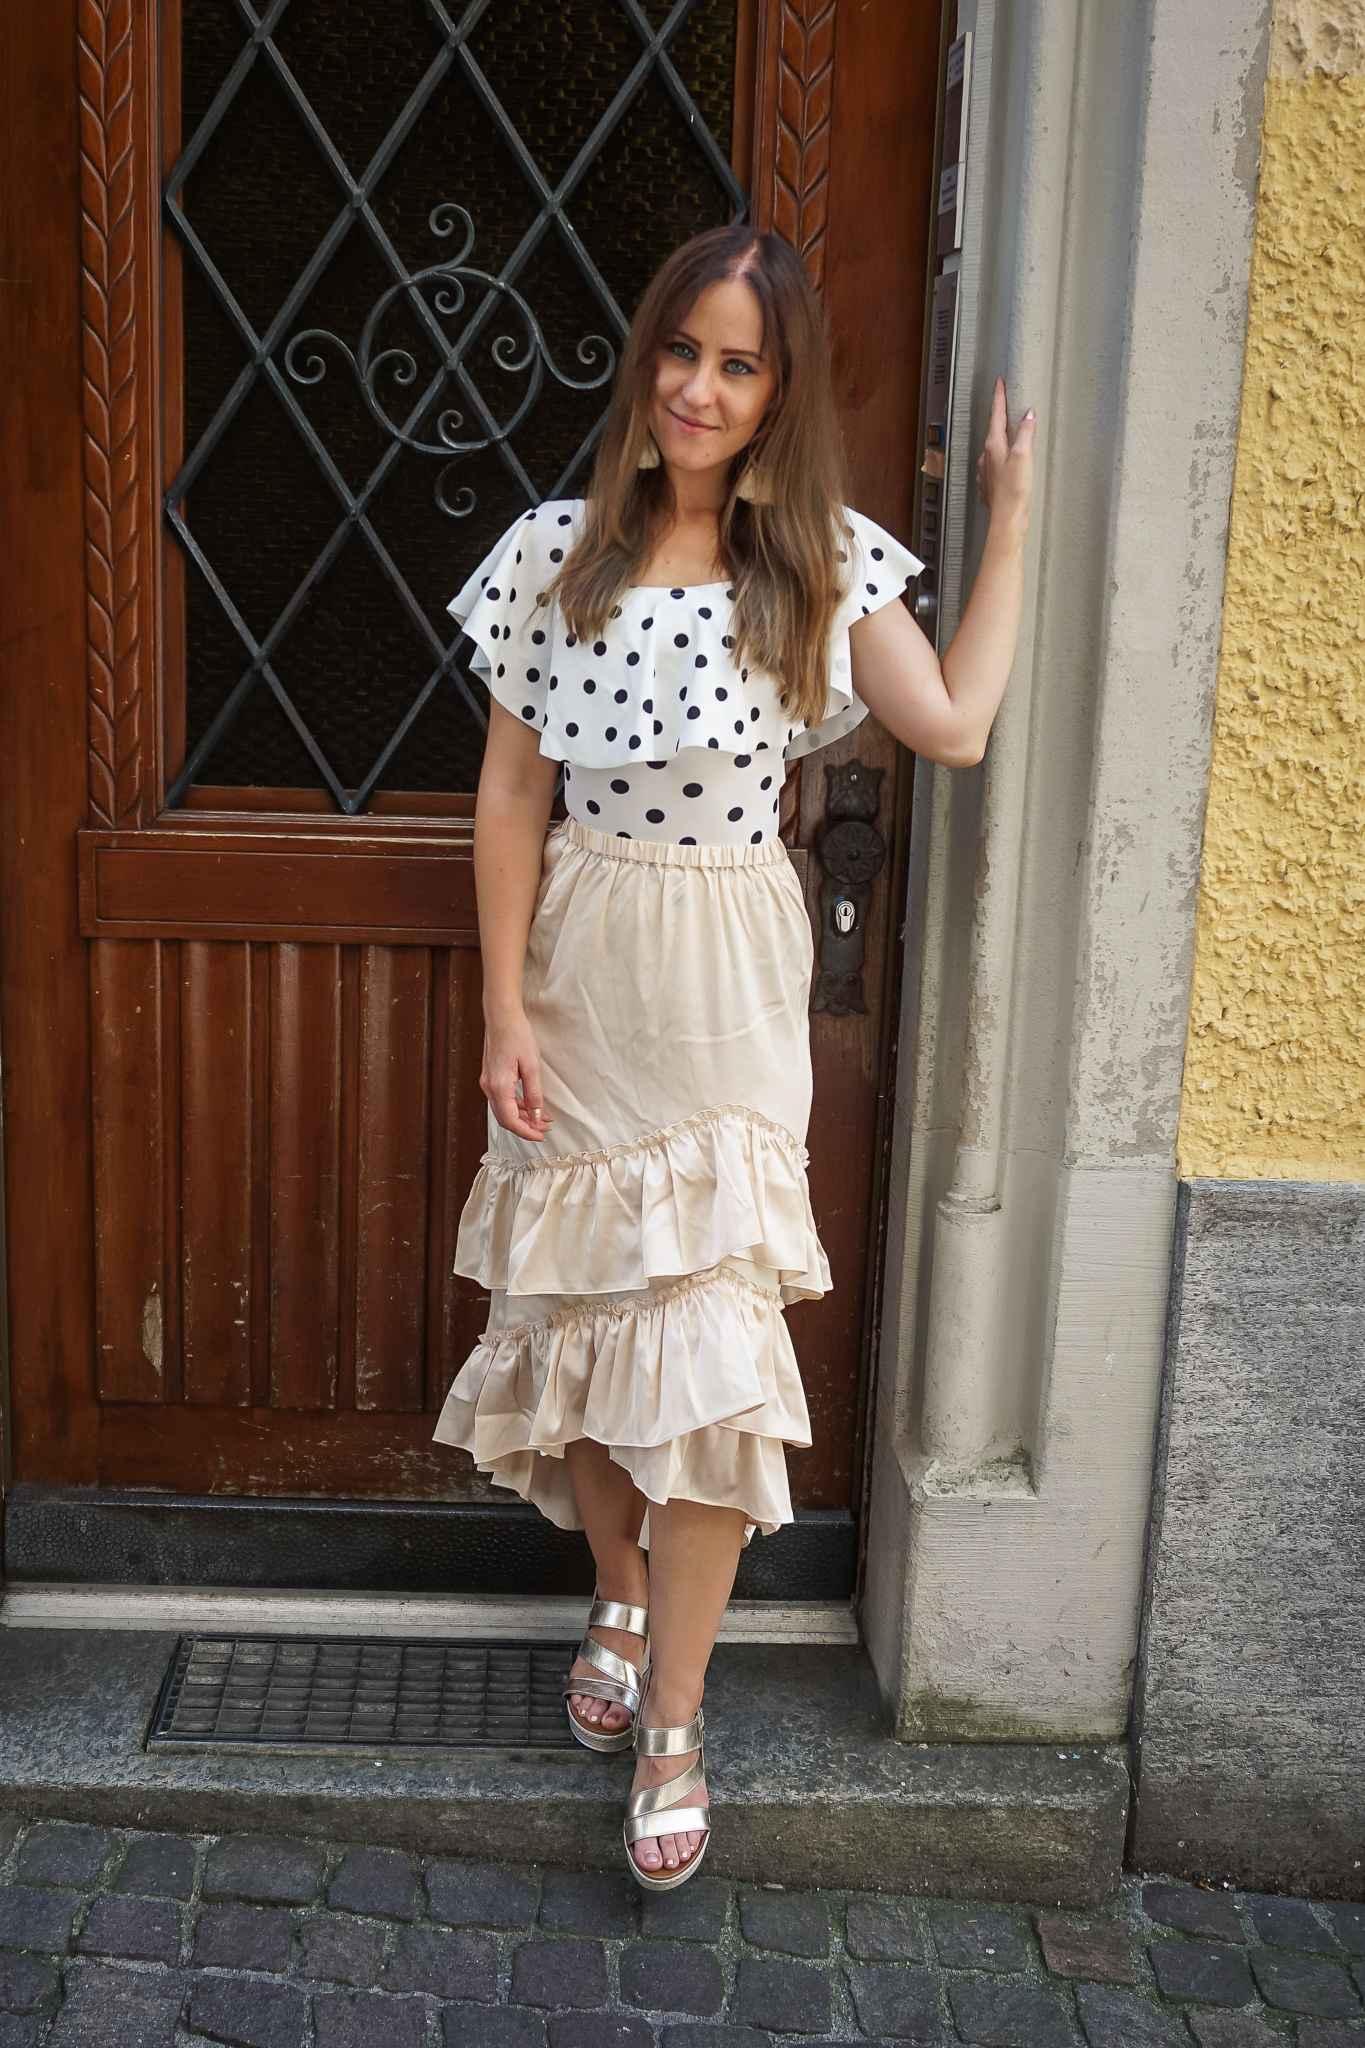 lookbook fashion fashionblogger outfit